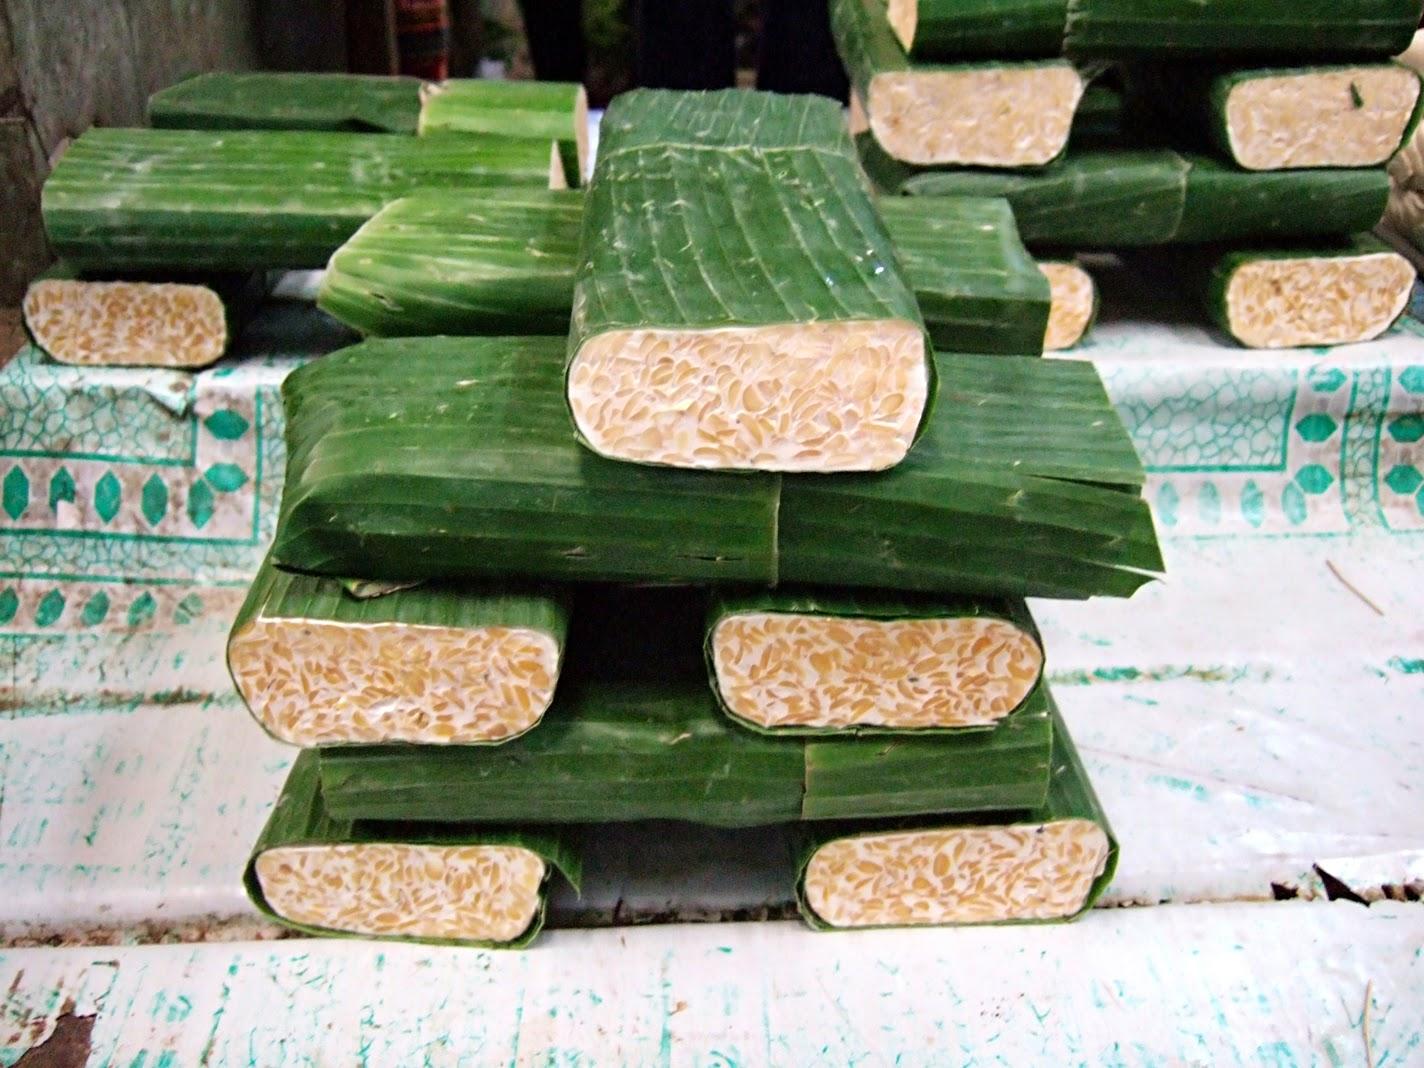 http://termuat.blogspot.com/2014/11/tempe-kelas-bawah-di-indonesia-kelas.html